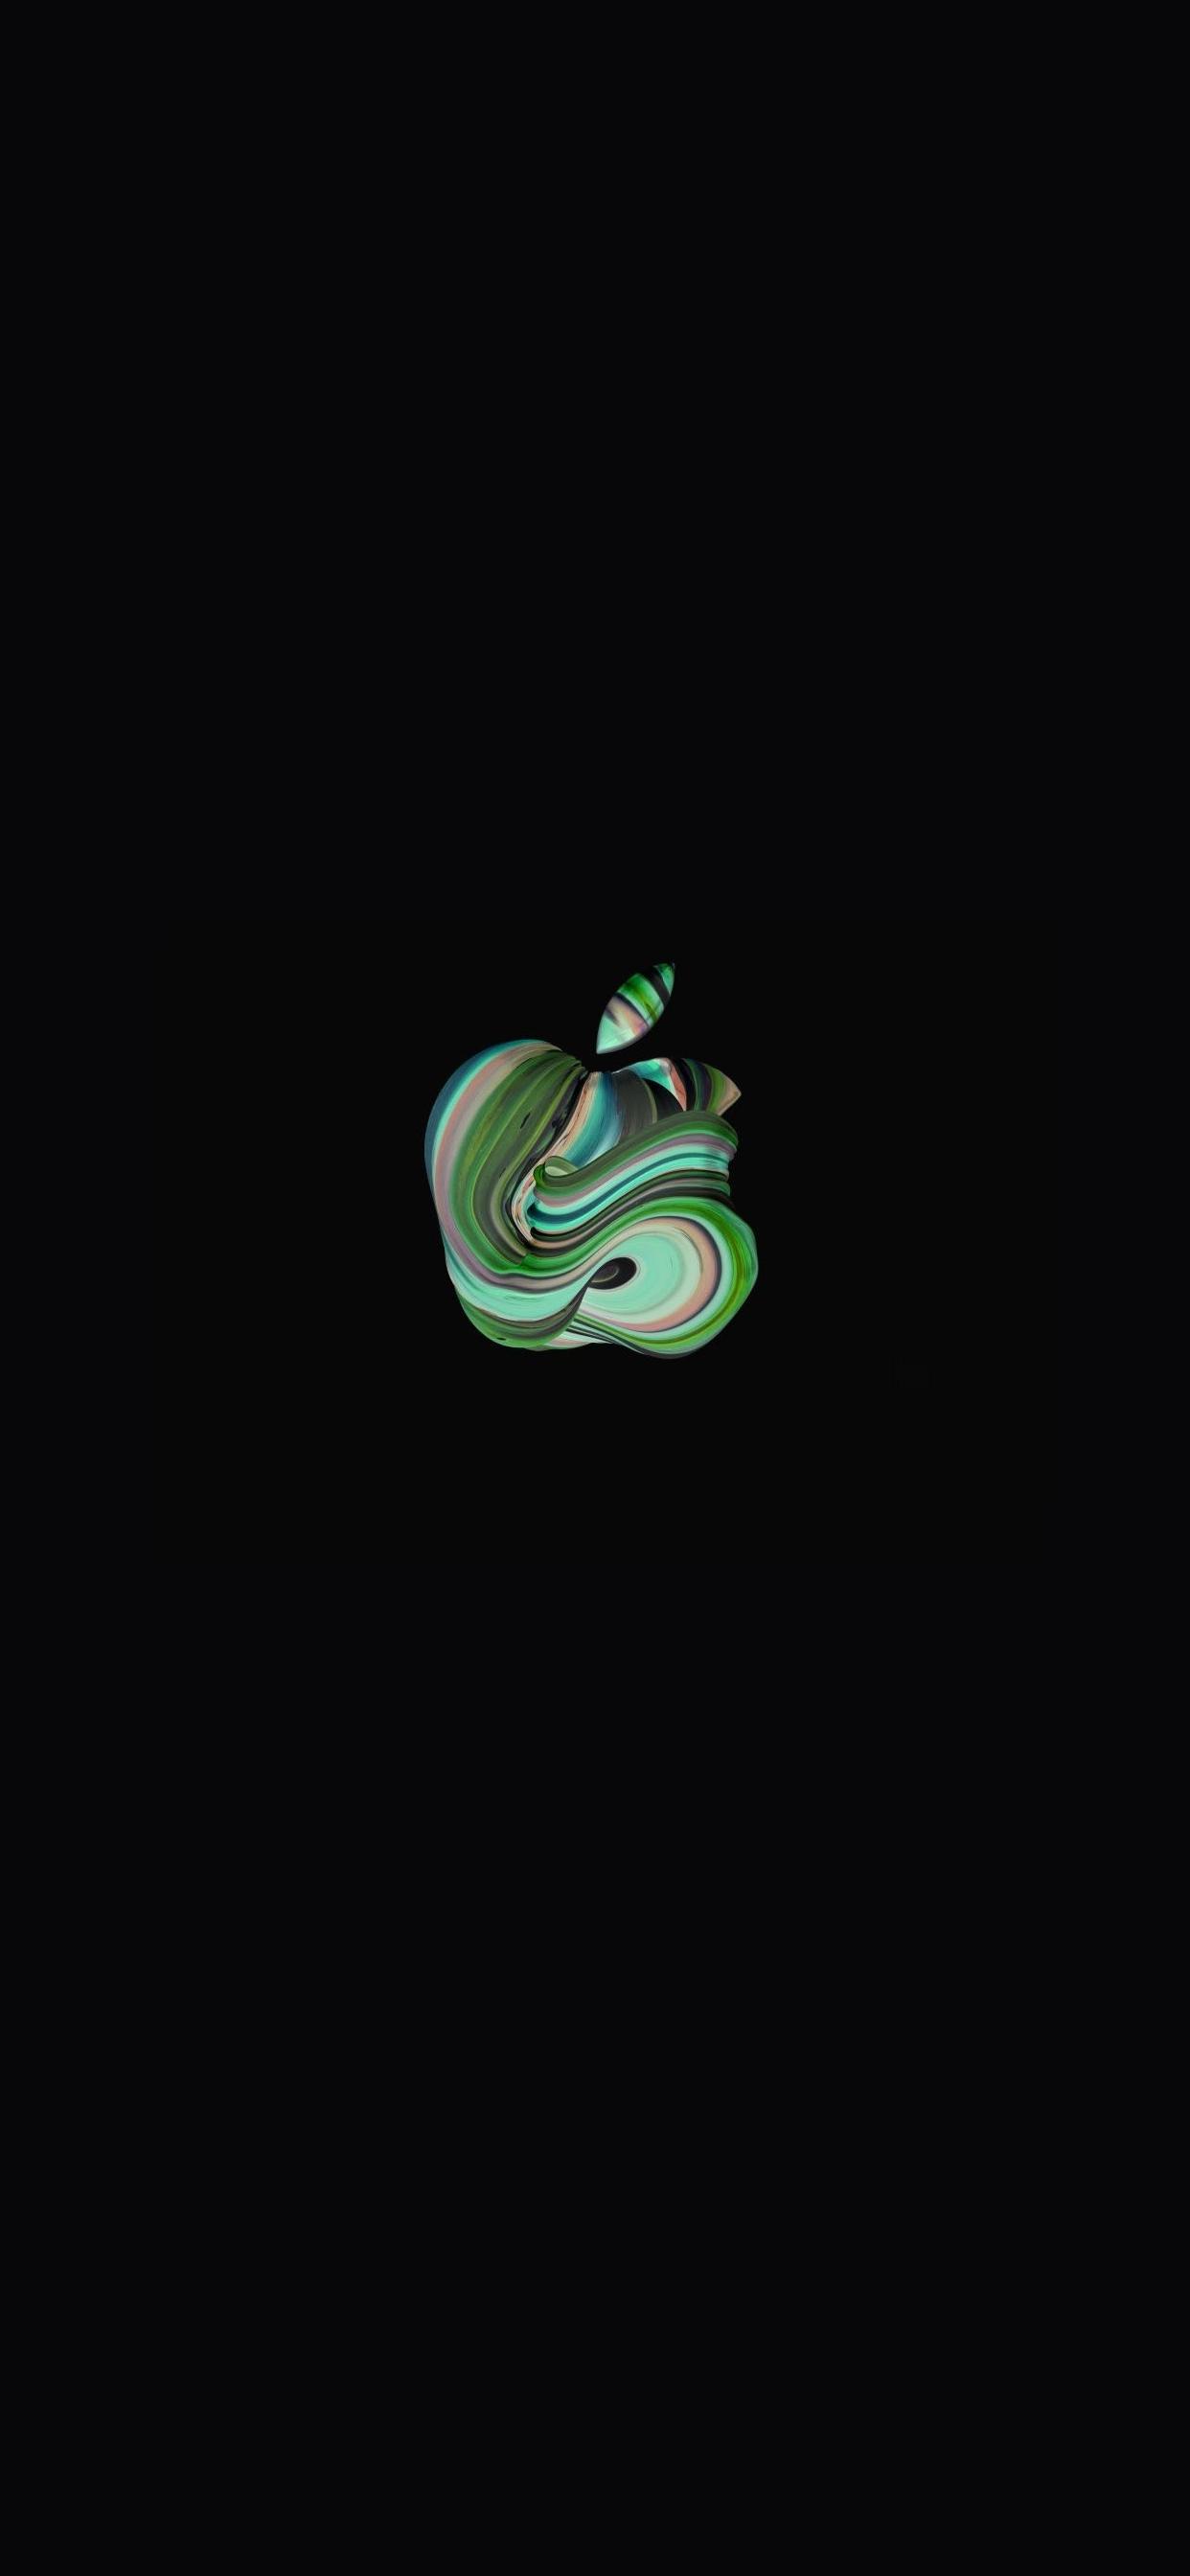 iPhone wallpaper apple logo 27 Fonds décran noirs avec le logo Apple en très haute résolution